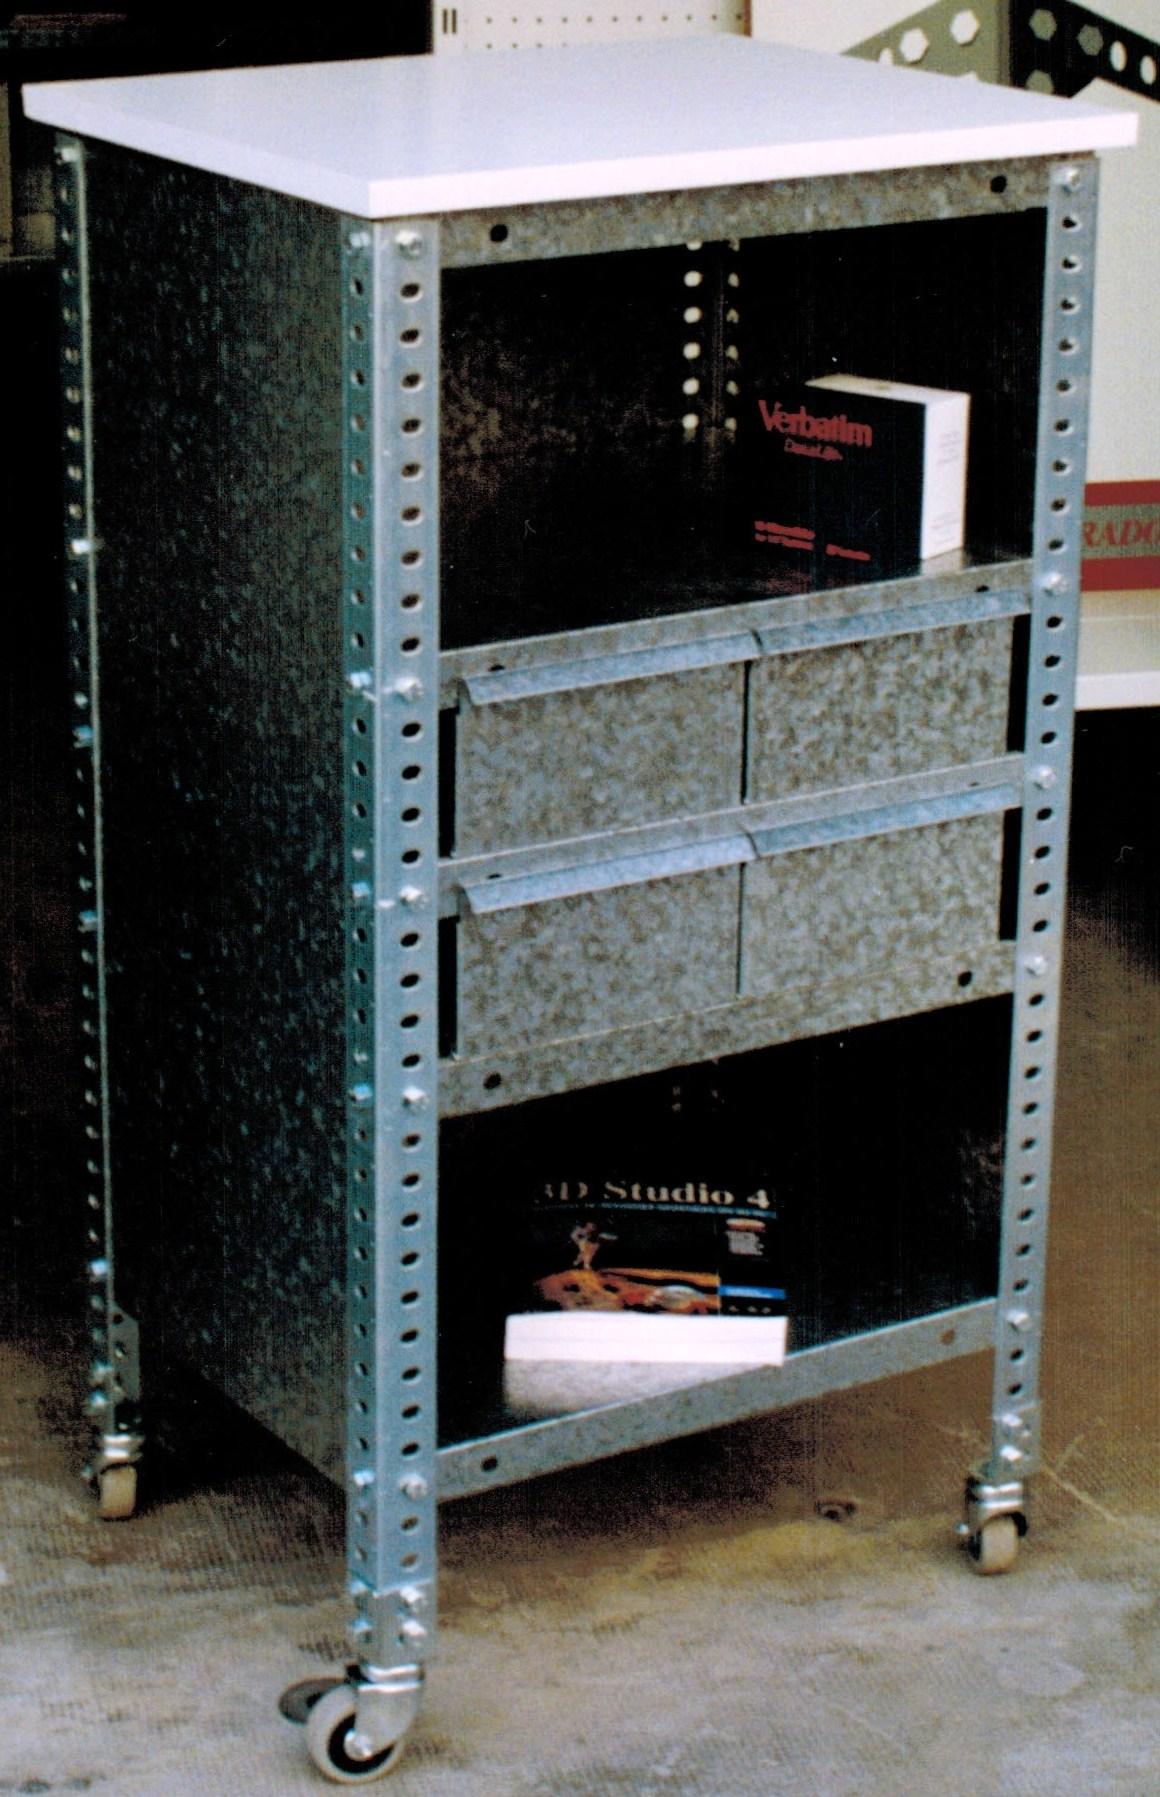 Soportes para racks y ordenadores estanterias met licas esme - Soportes de estanterias ...